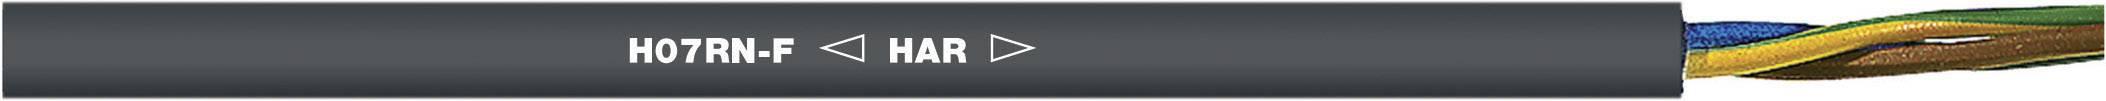 Připojovací kabel H07RN-F 2 x 6 mm² černá LappKabel 1600095 metrové zboží